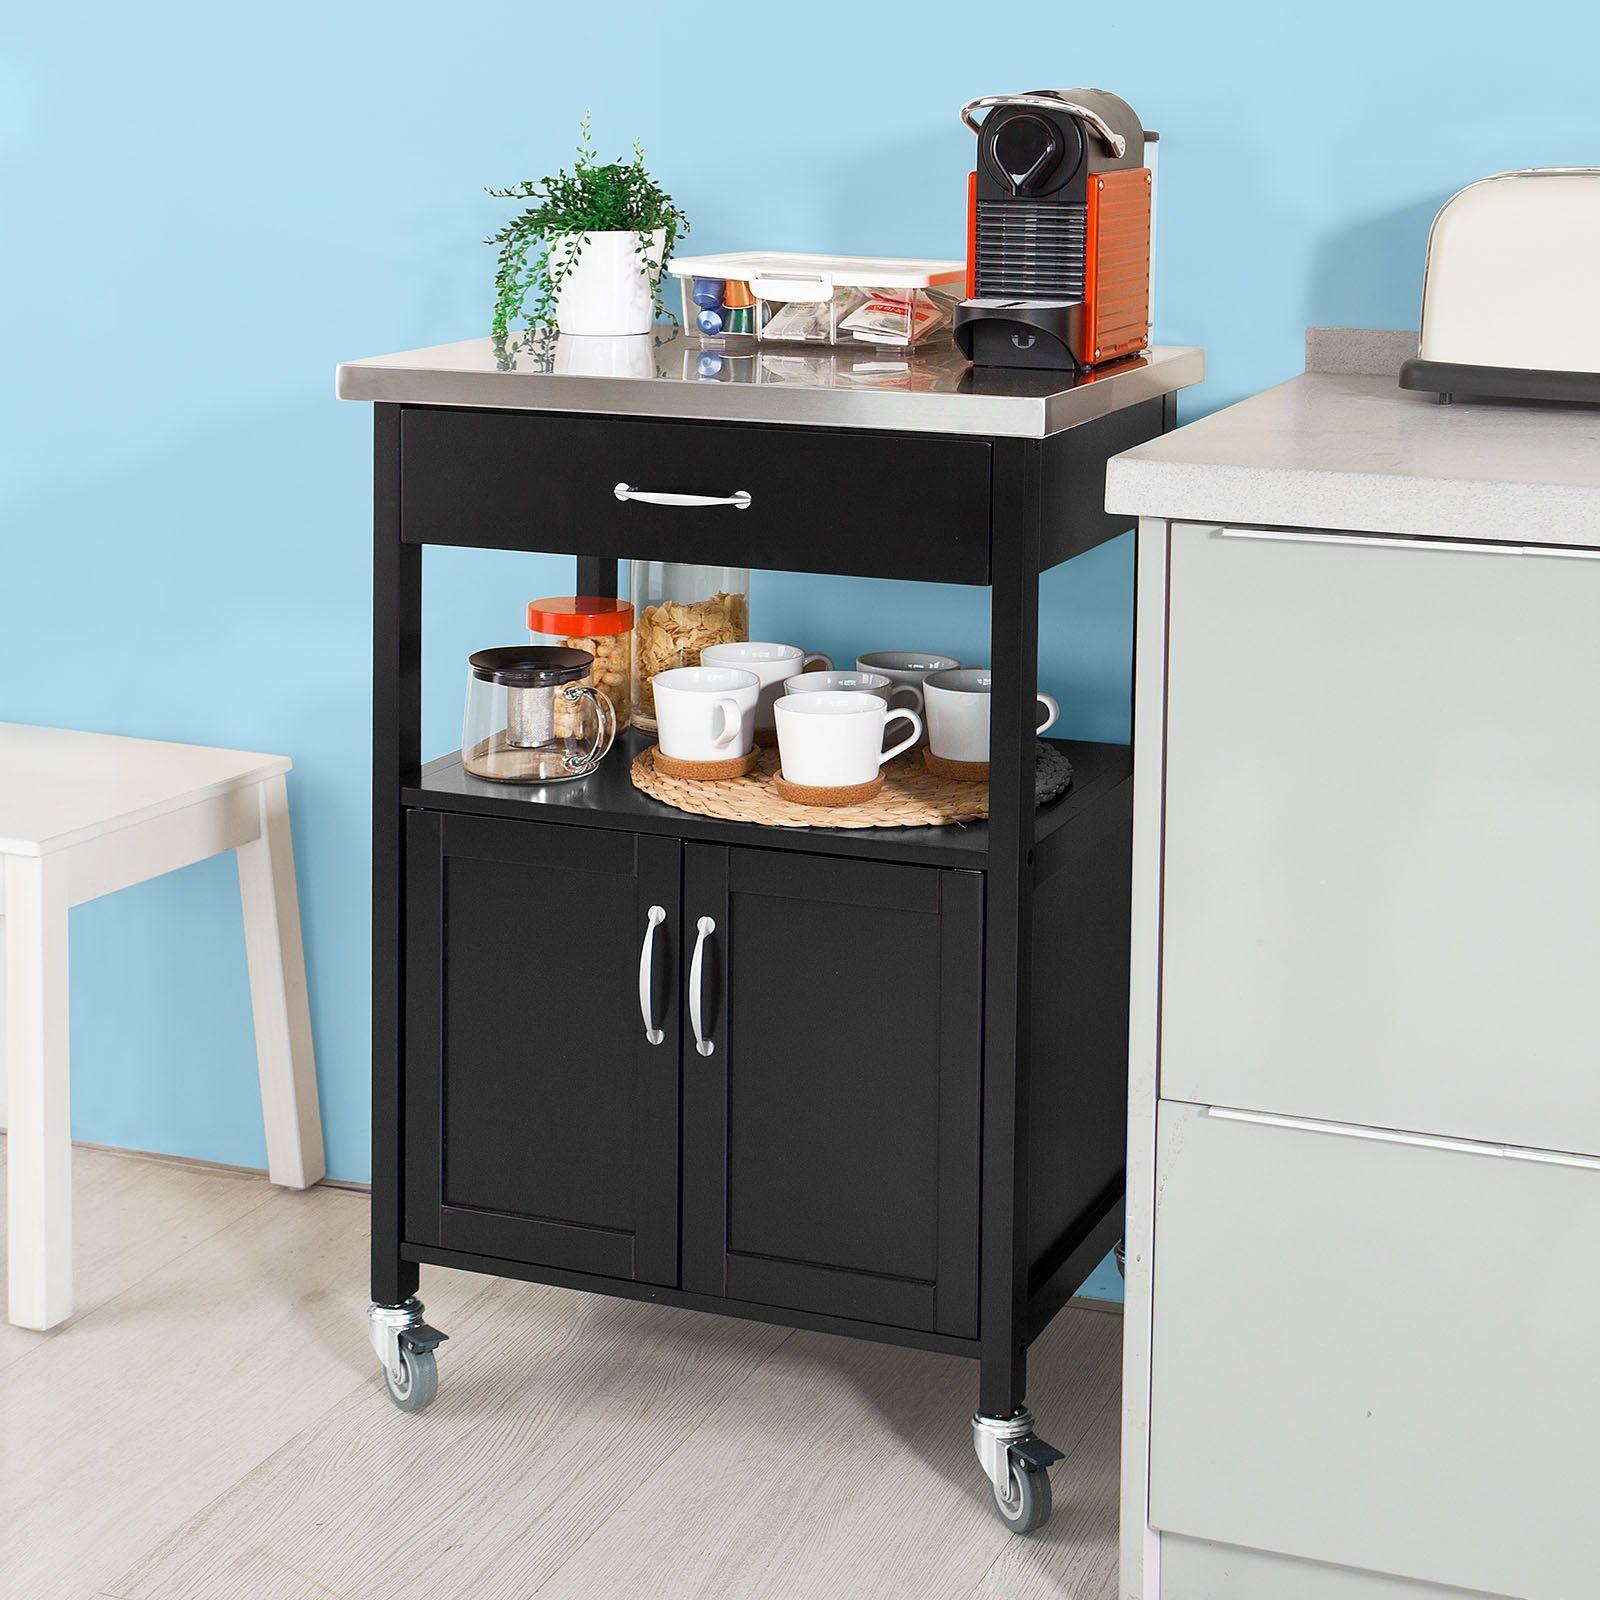 sobuy servierwagen k chenwagen rollwagen mit edelstahlarbeitsplatte getr nkewagen f rs b ro. Black Bedroom Furniture Sets. Home Design Ideas